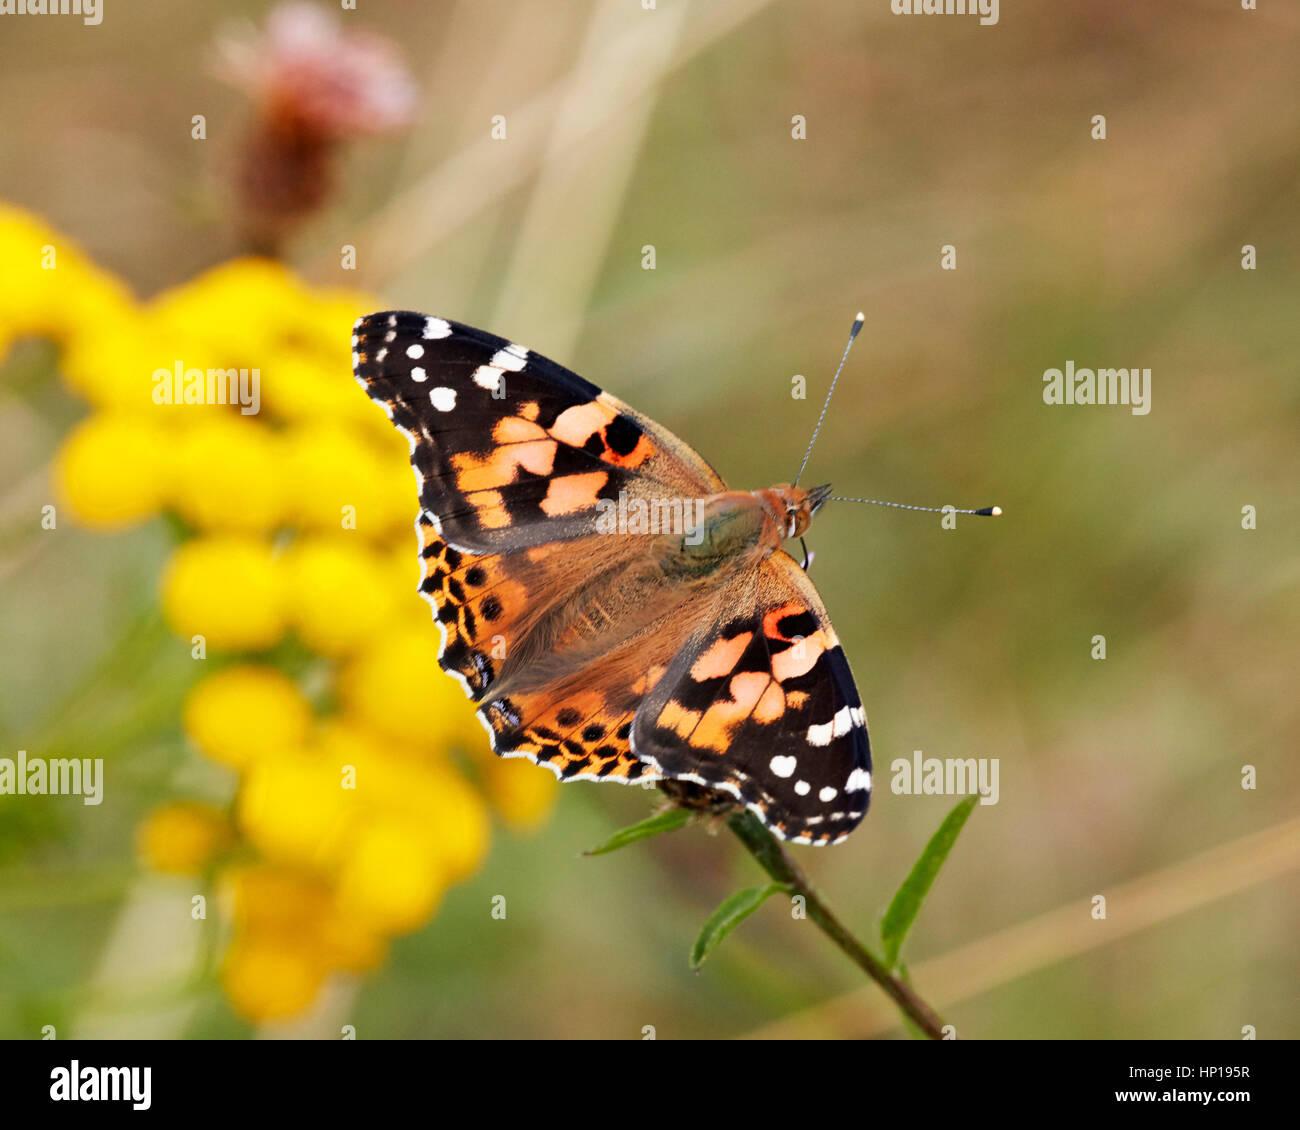 Painted Lady nectaring on Knapweed. Hurst Park, West Molesey, Surrey, UK. - Stock Image